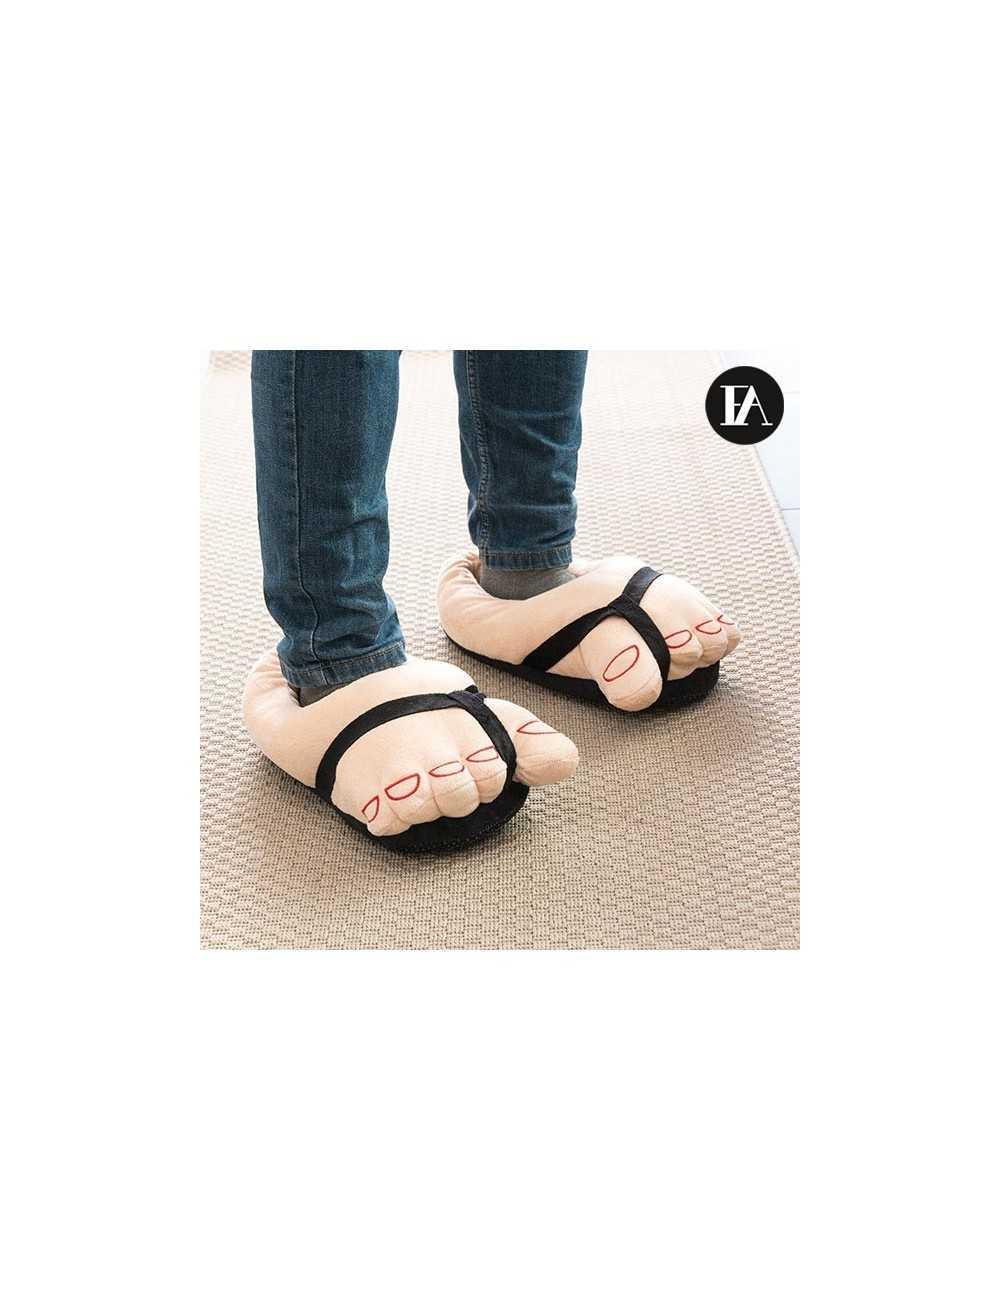 Περπατήστε στο σπίτι σας φορώντας τα πρωτότυπα και διασκεδαστικά μαλακά  πέδιλα Fashinalizer! Παντόφλες σπιτιού. ce3f2dc0e98